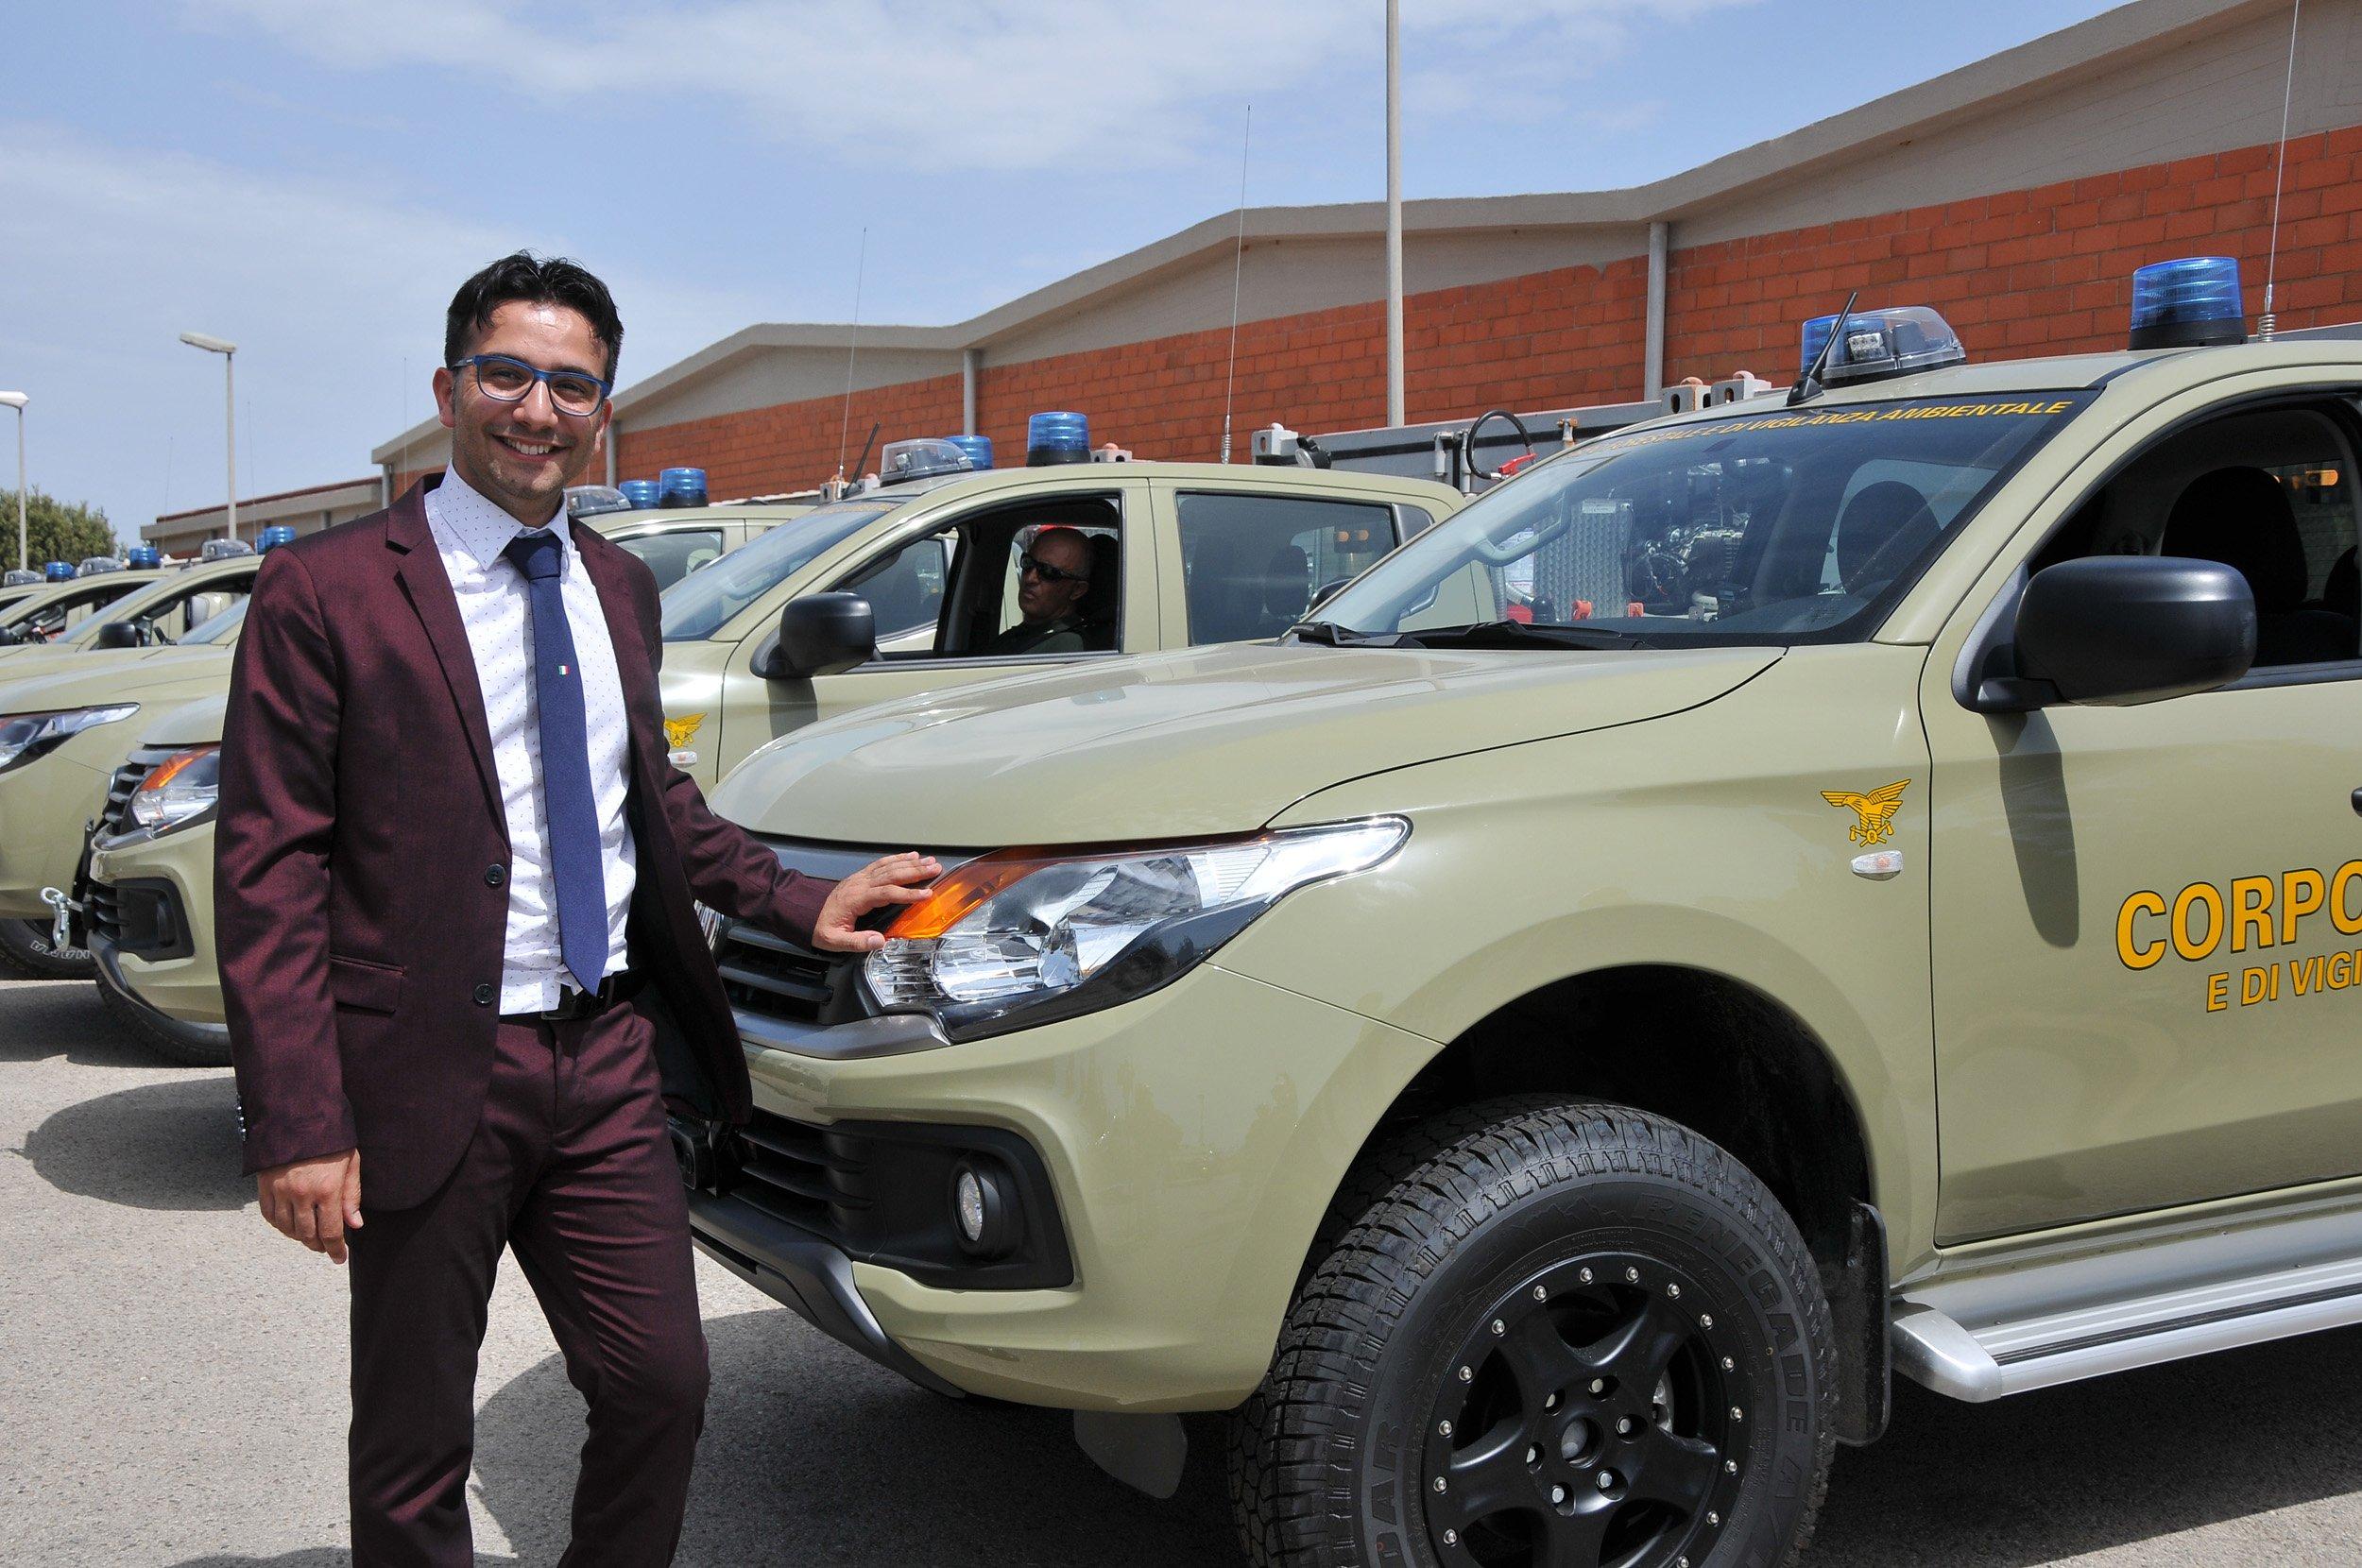 L'assessore regionale dell'Ambiente Gianni Lampis ha consegnato 24 nuovi mezzi al Corpo Forestale per il rinnovo dell'Autoparco.